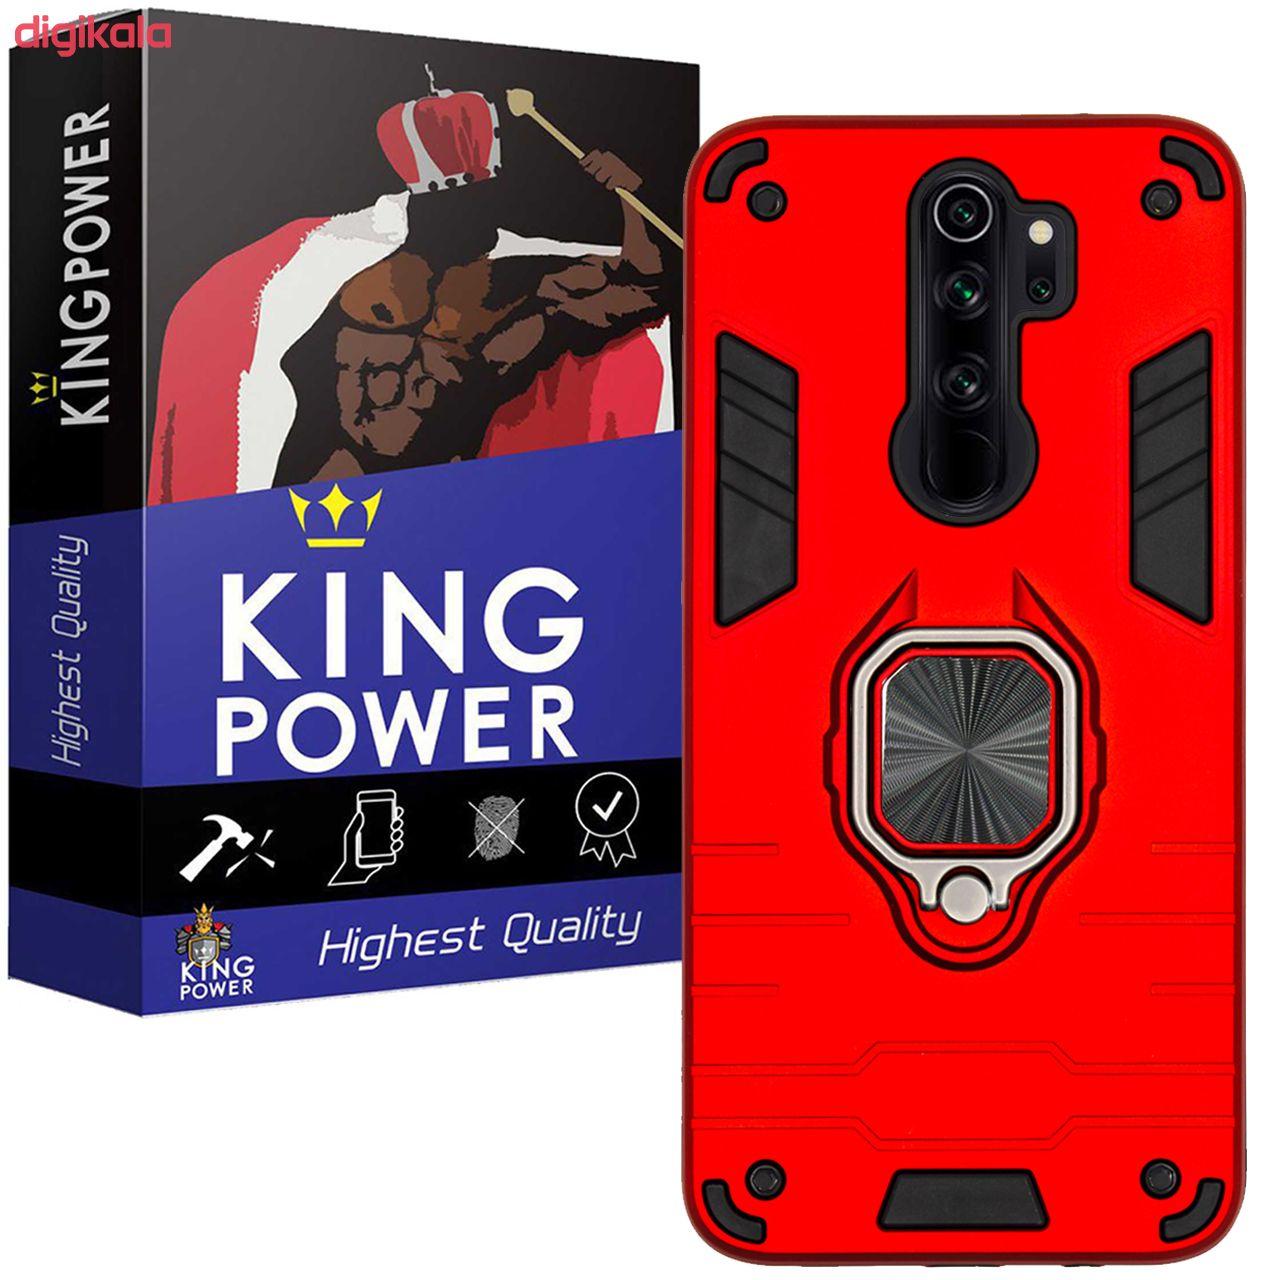 کاور کینگ پاور مدل ASH22 مناسب برای گوشی موبایل شیائومی Redmi Note 8 Pro main 1 1